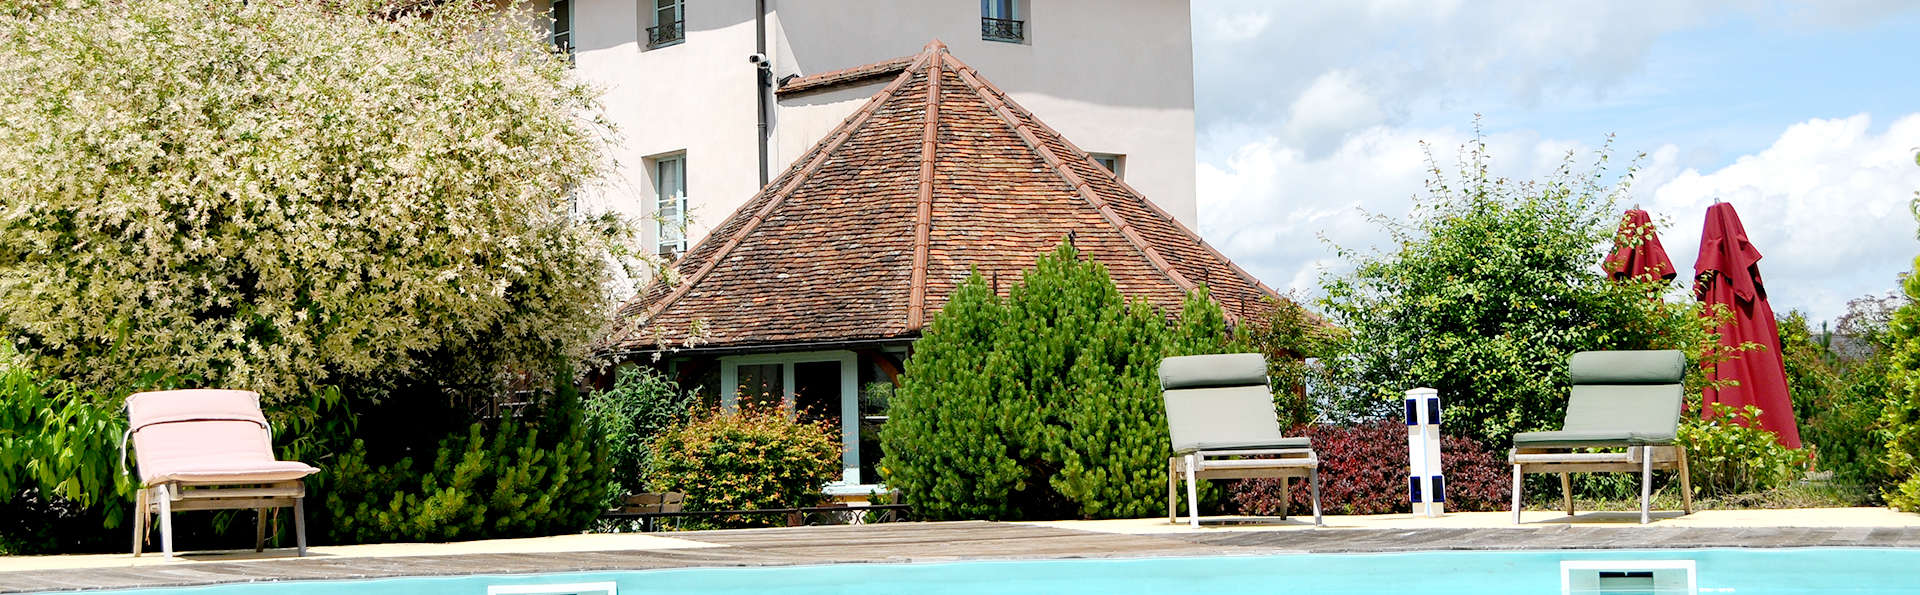 Hostellerie de la Tour d'Auxois  - Edit_Pool4.jpg